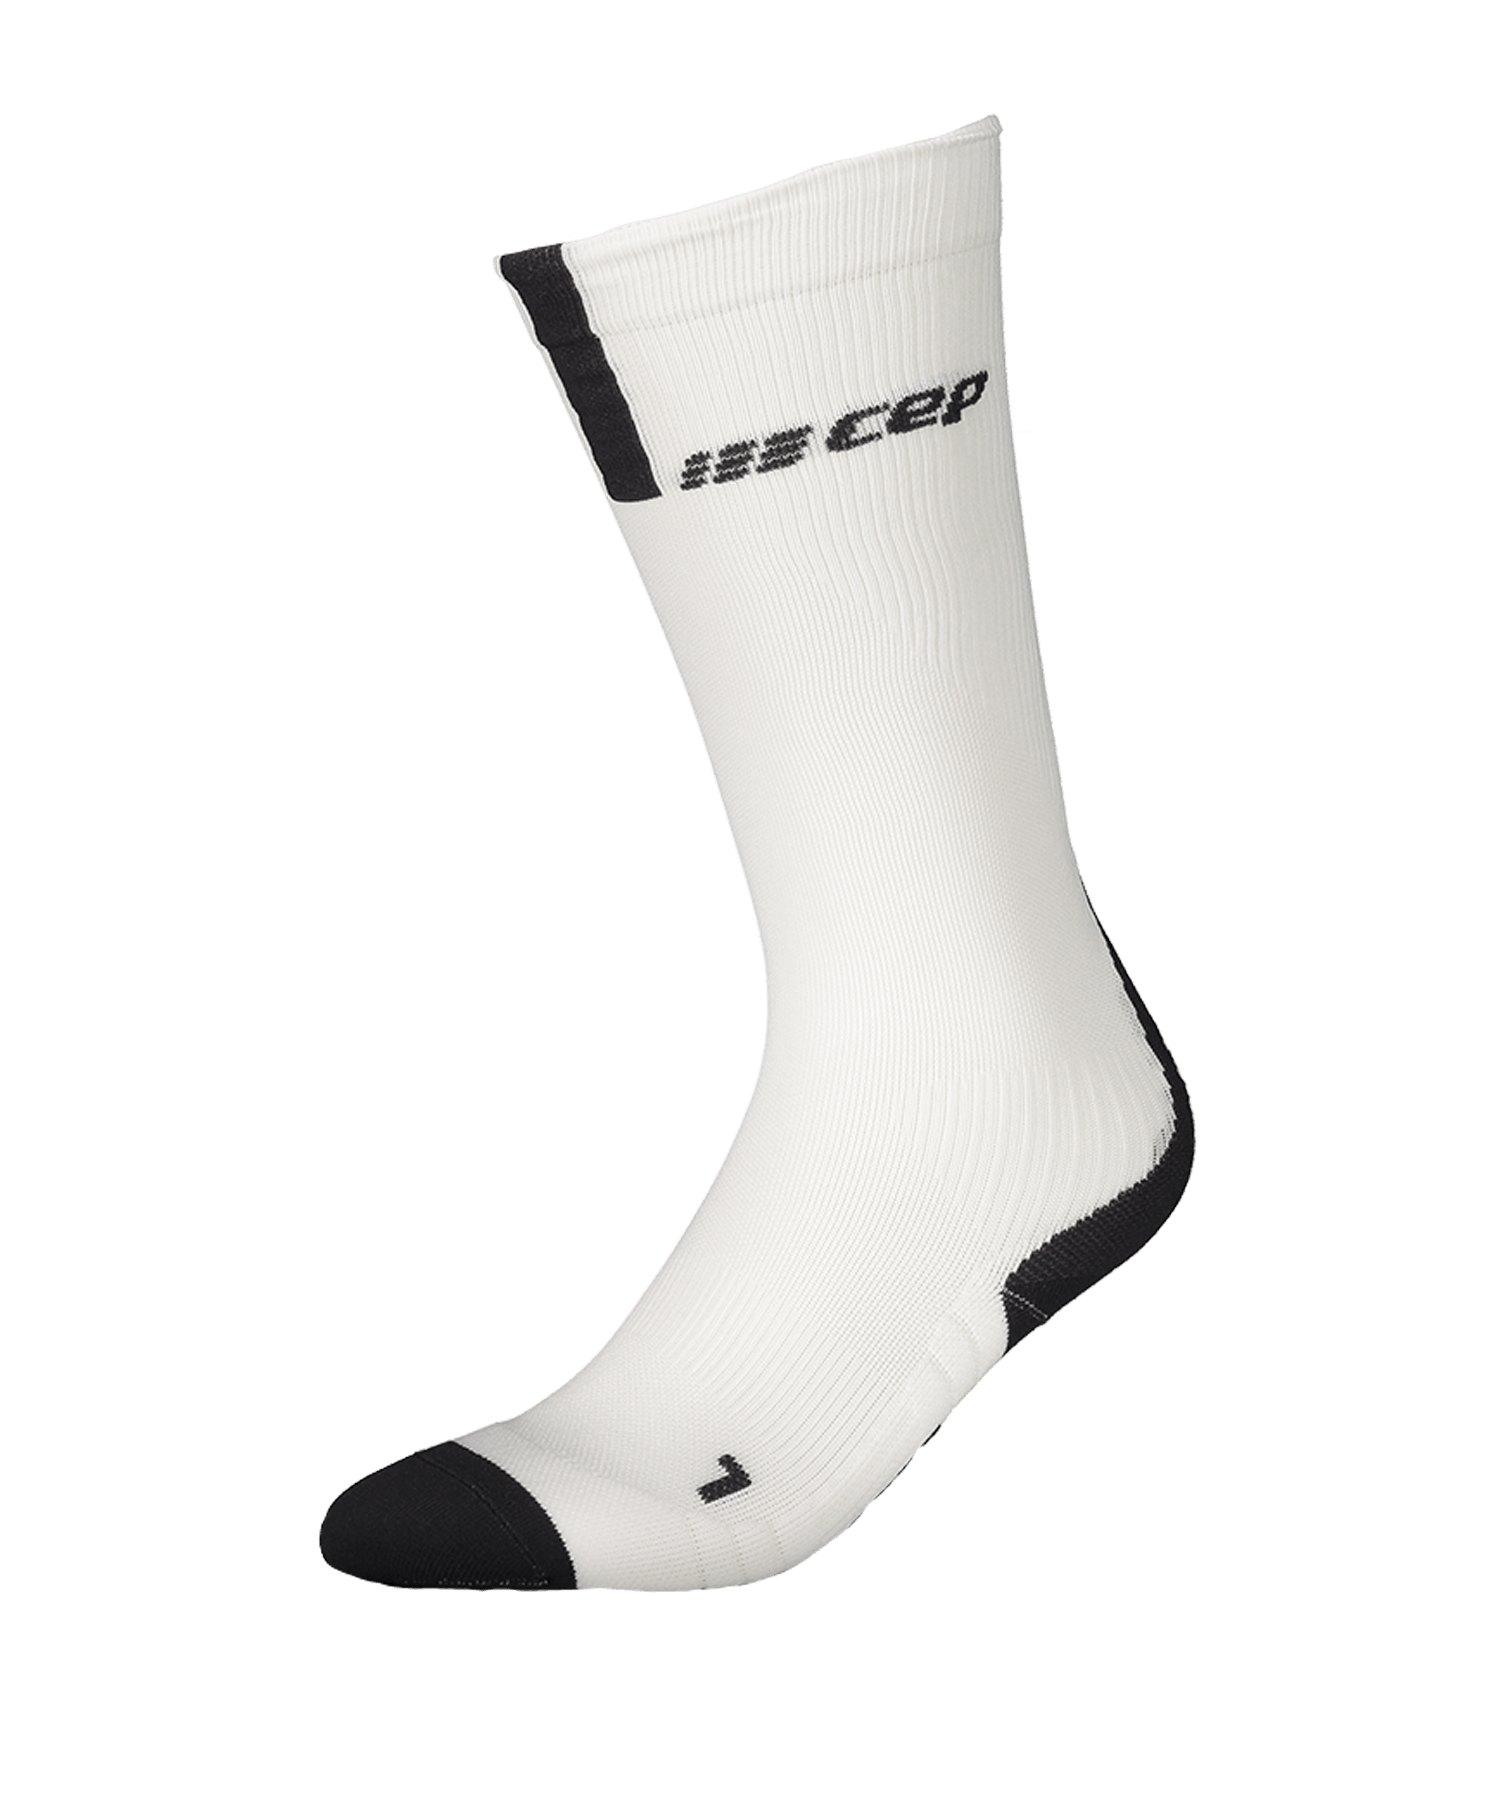 CEP Run Socks 3.0 Socken Running Damen Weiss - weiss